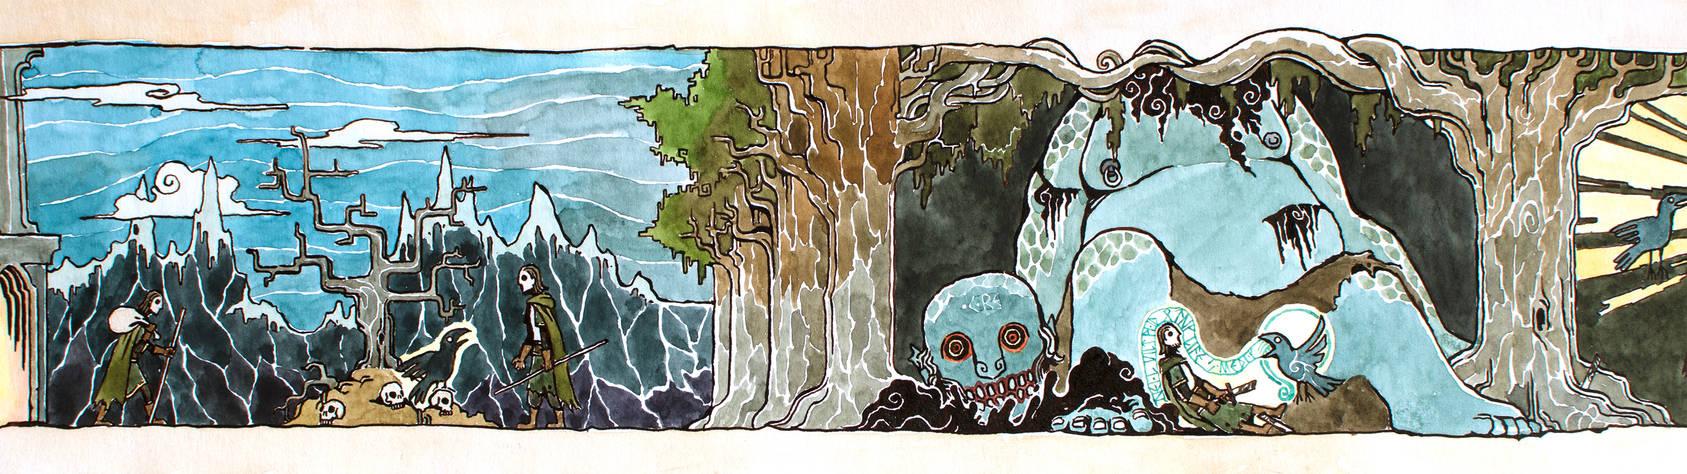 King's Tales 2